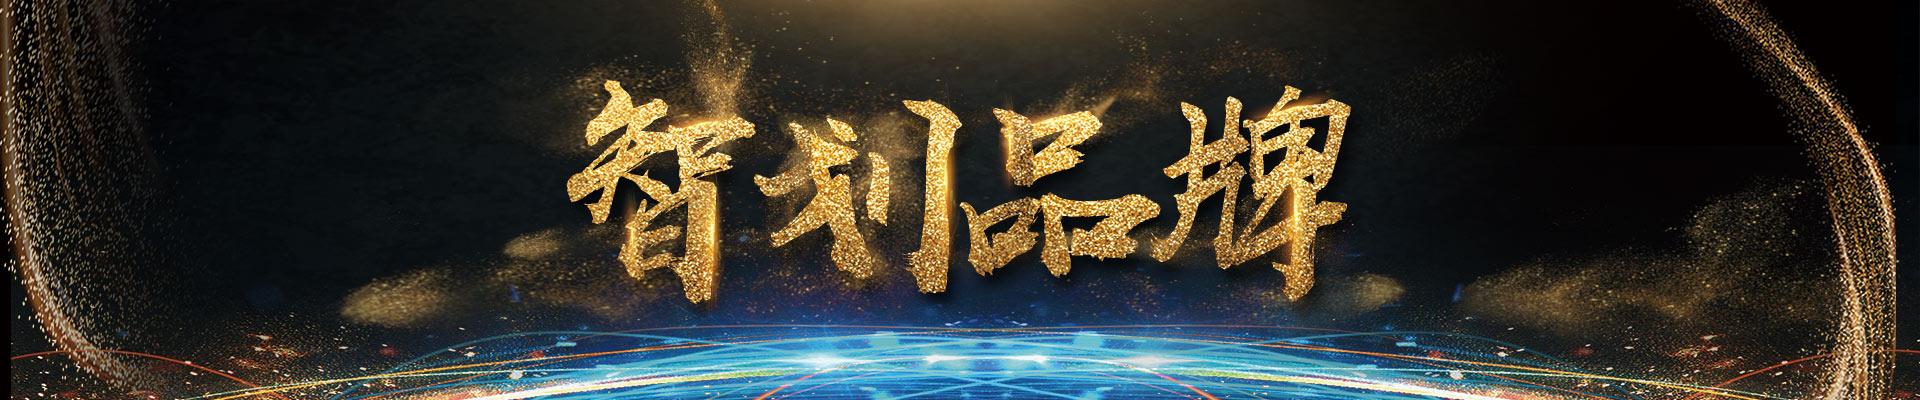 贵州酒投酒业发展(集团)有限责任公司